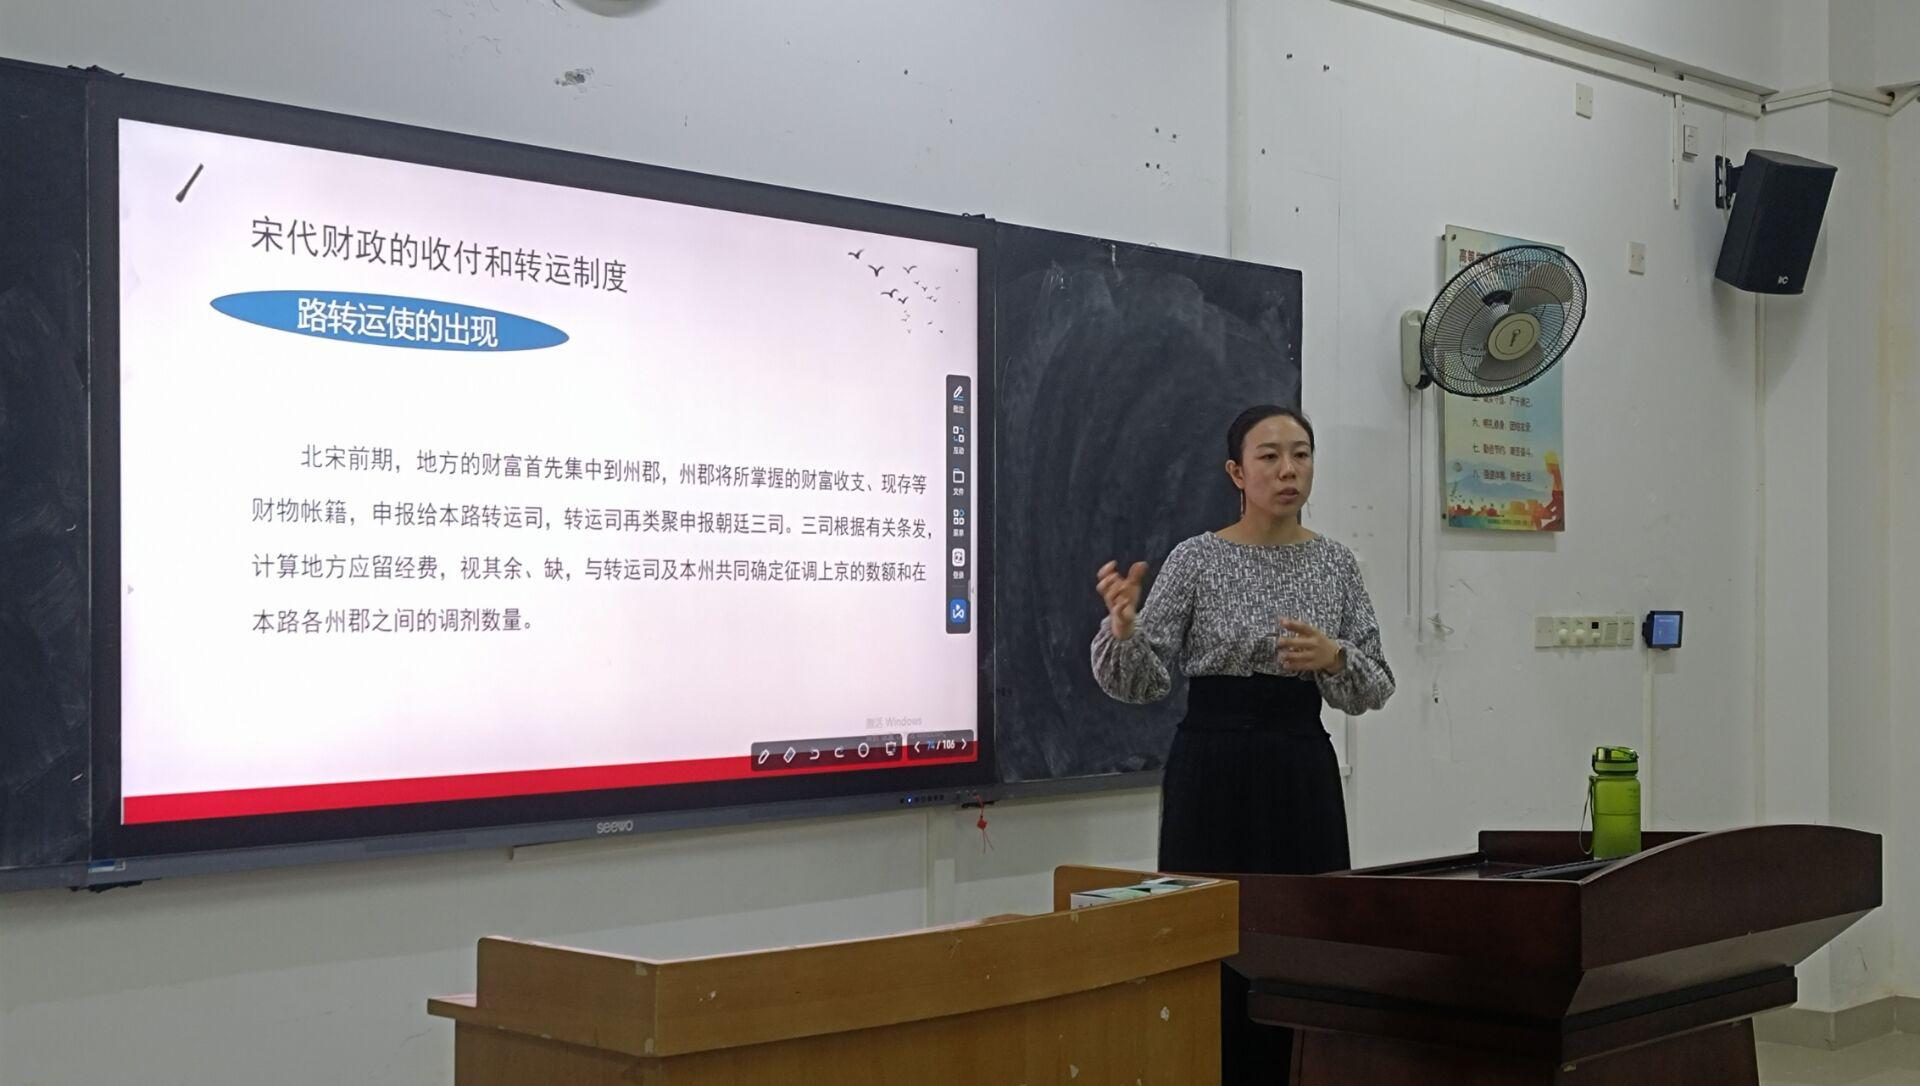 我院孙晨老师做了题为《中国财税起源与发展》的讲座